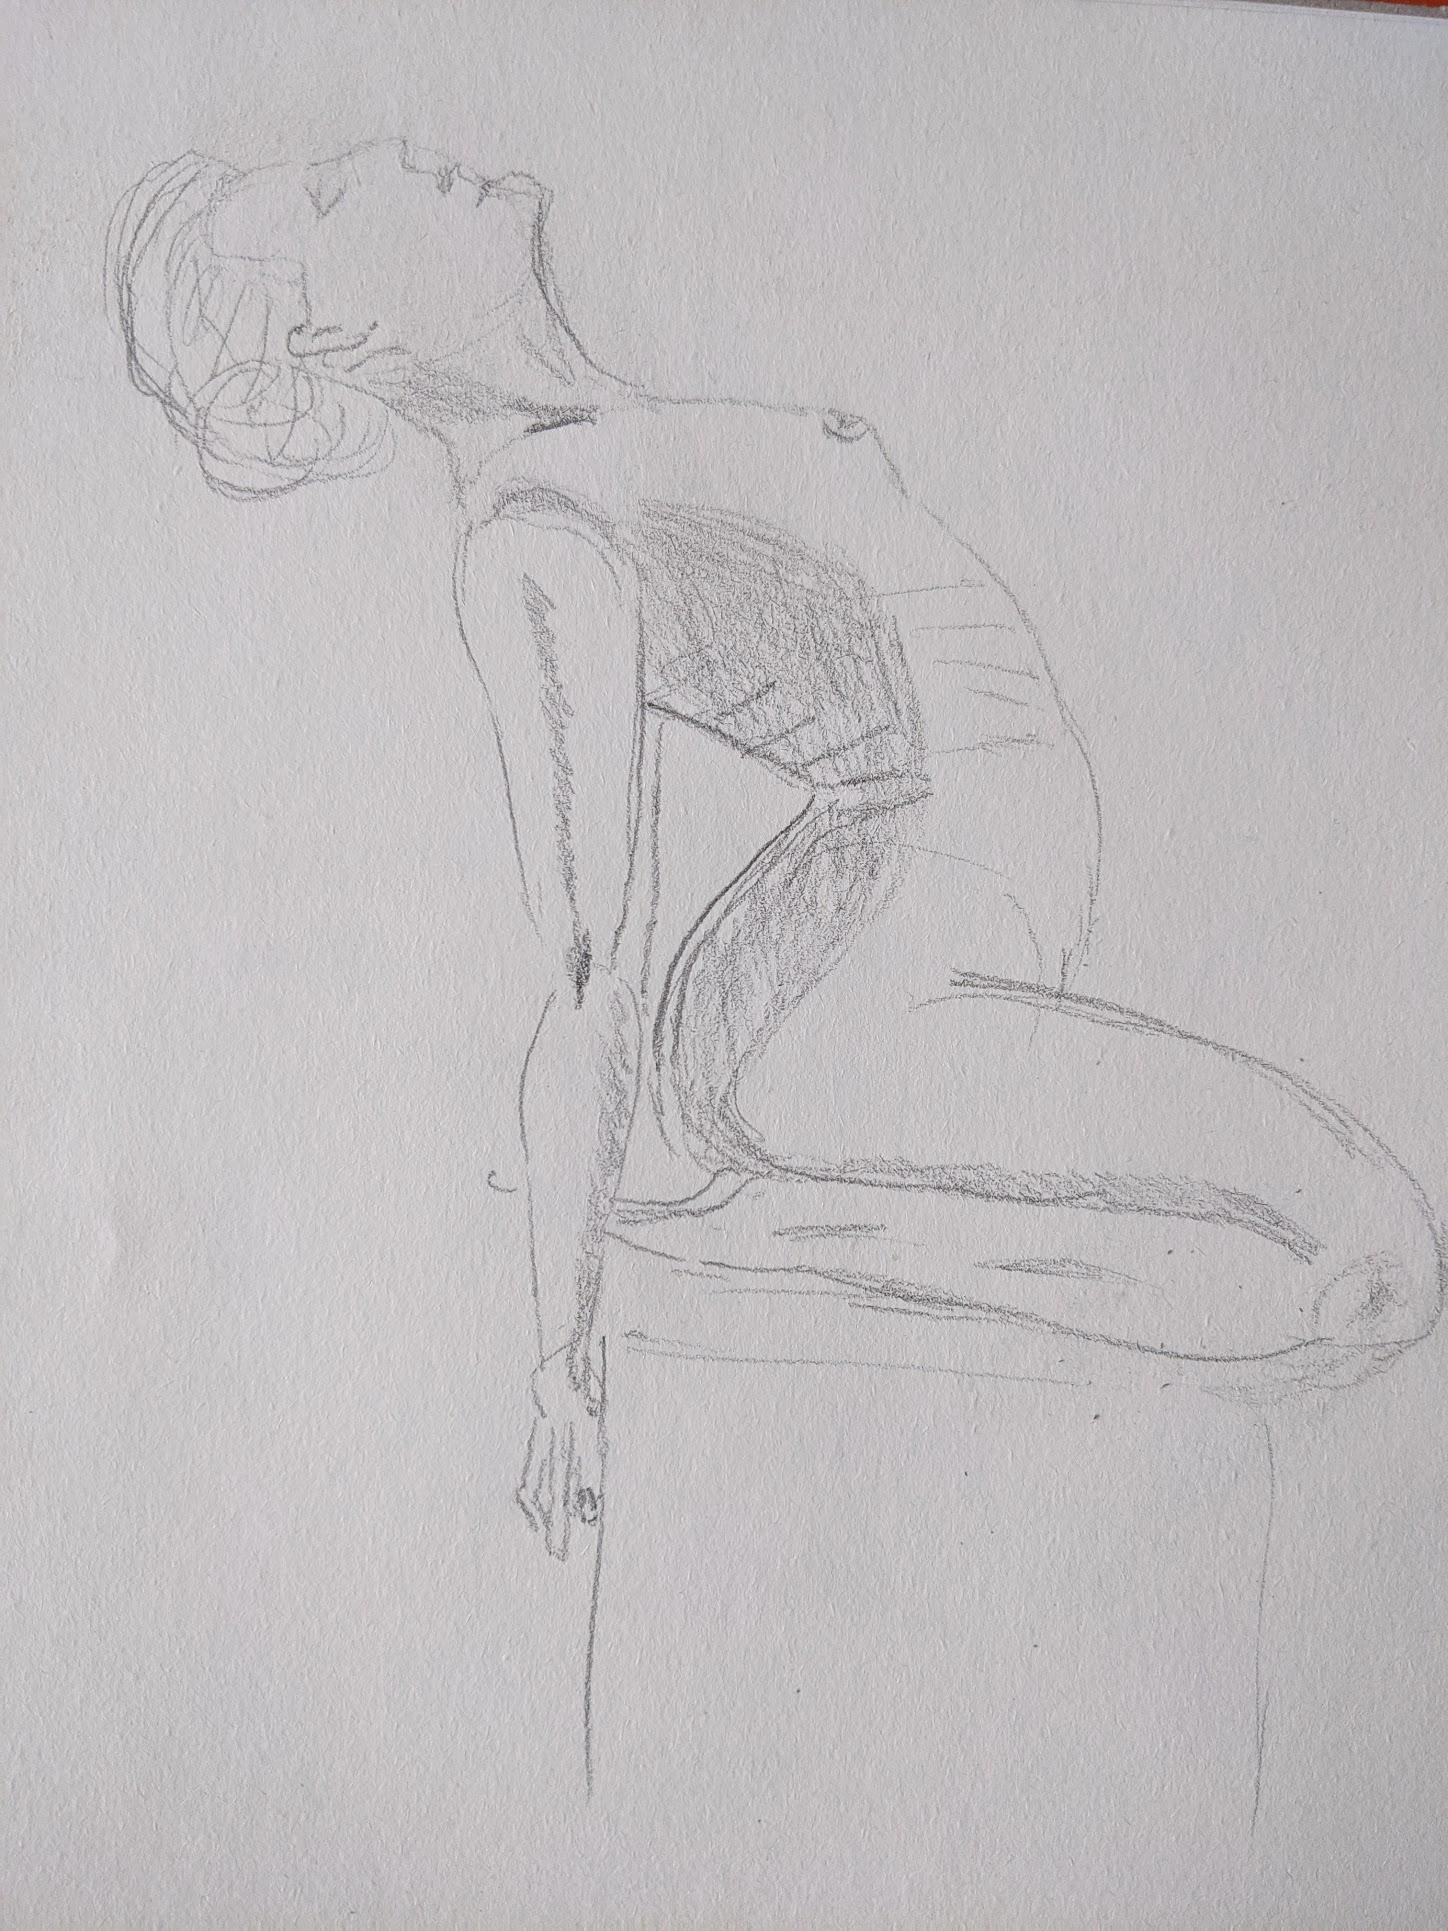 dessin hachure graphite femme sur papier  cours de dessin